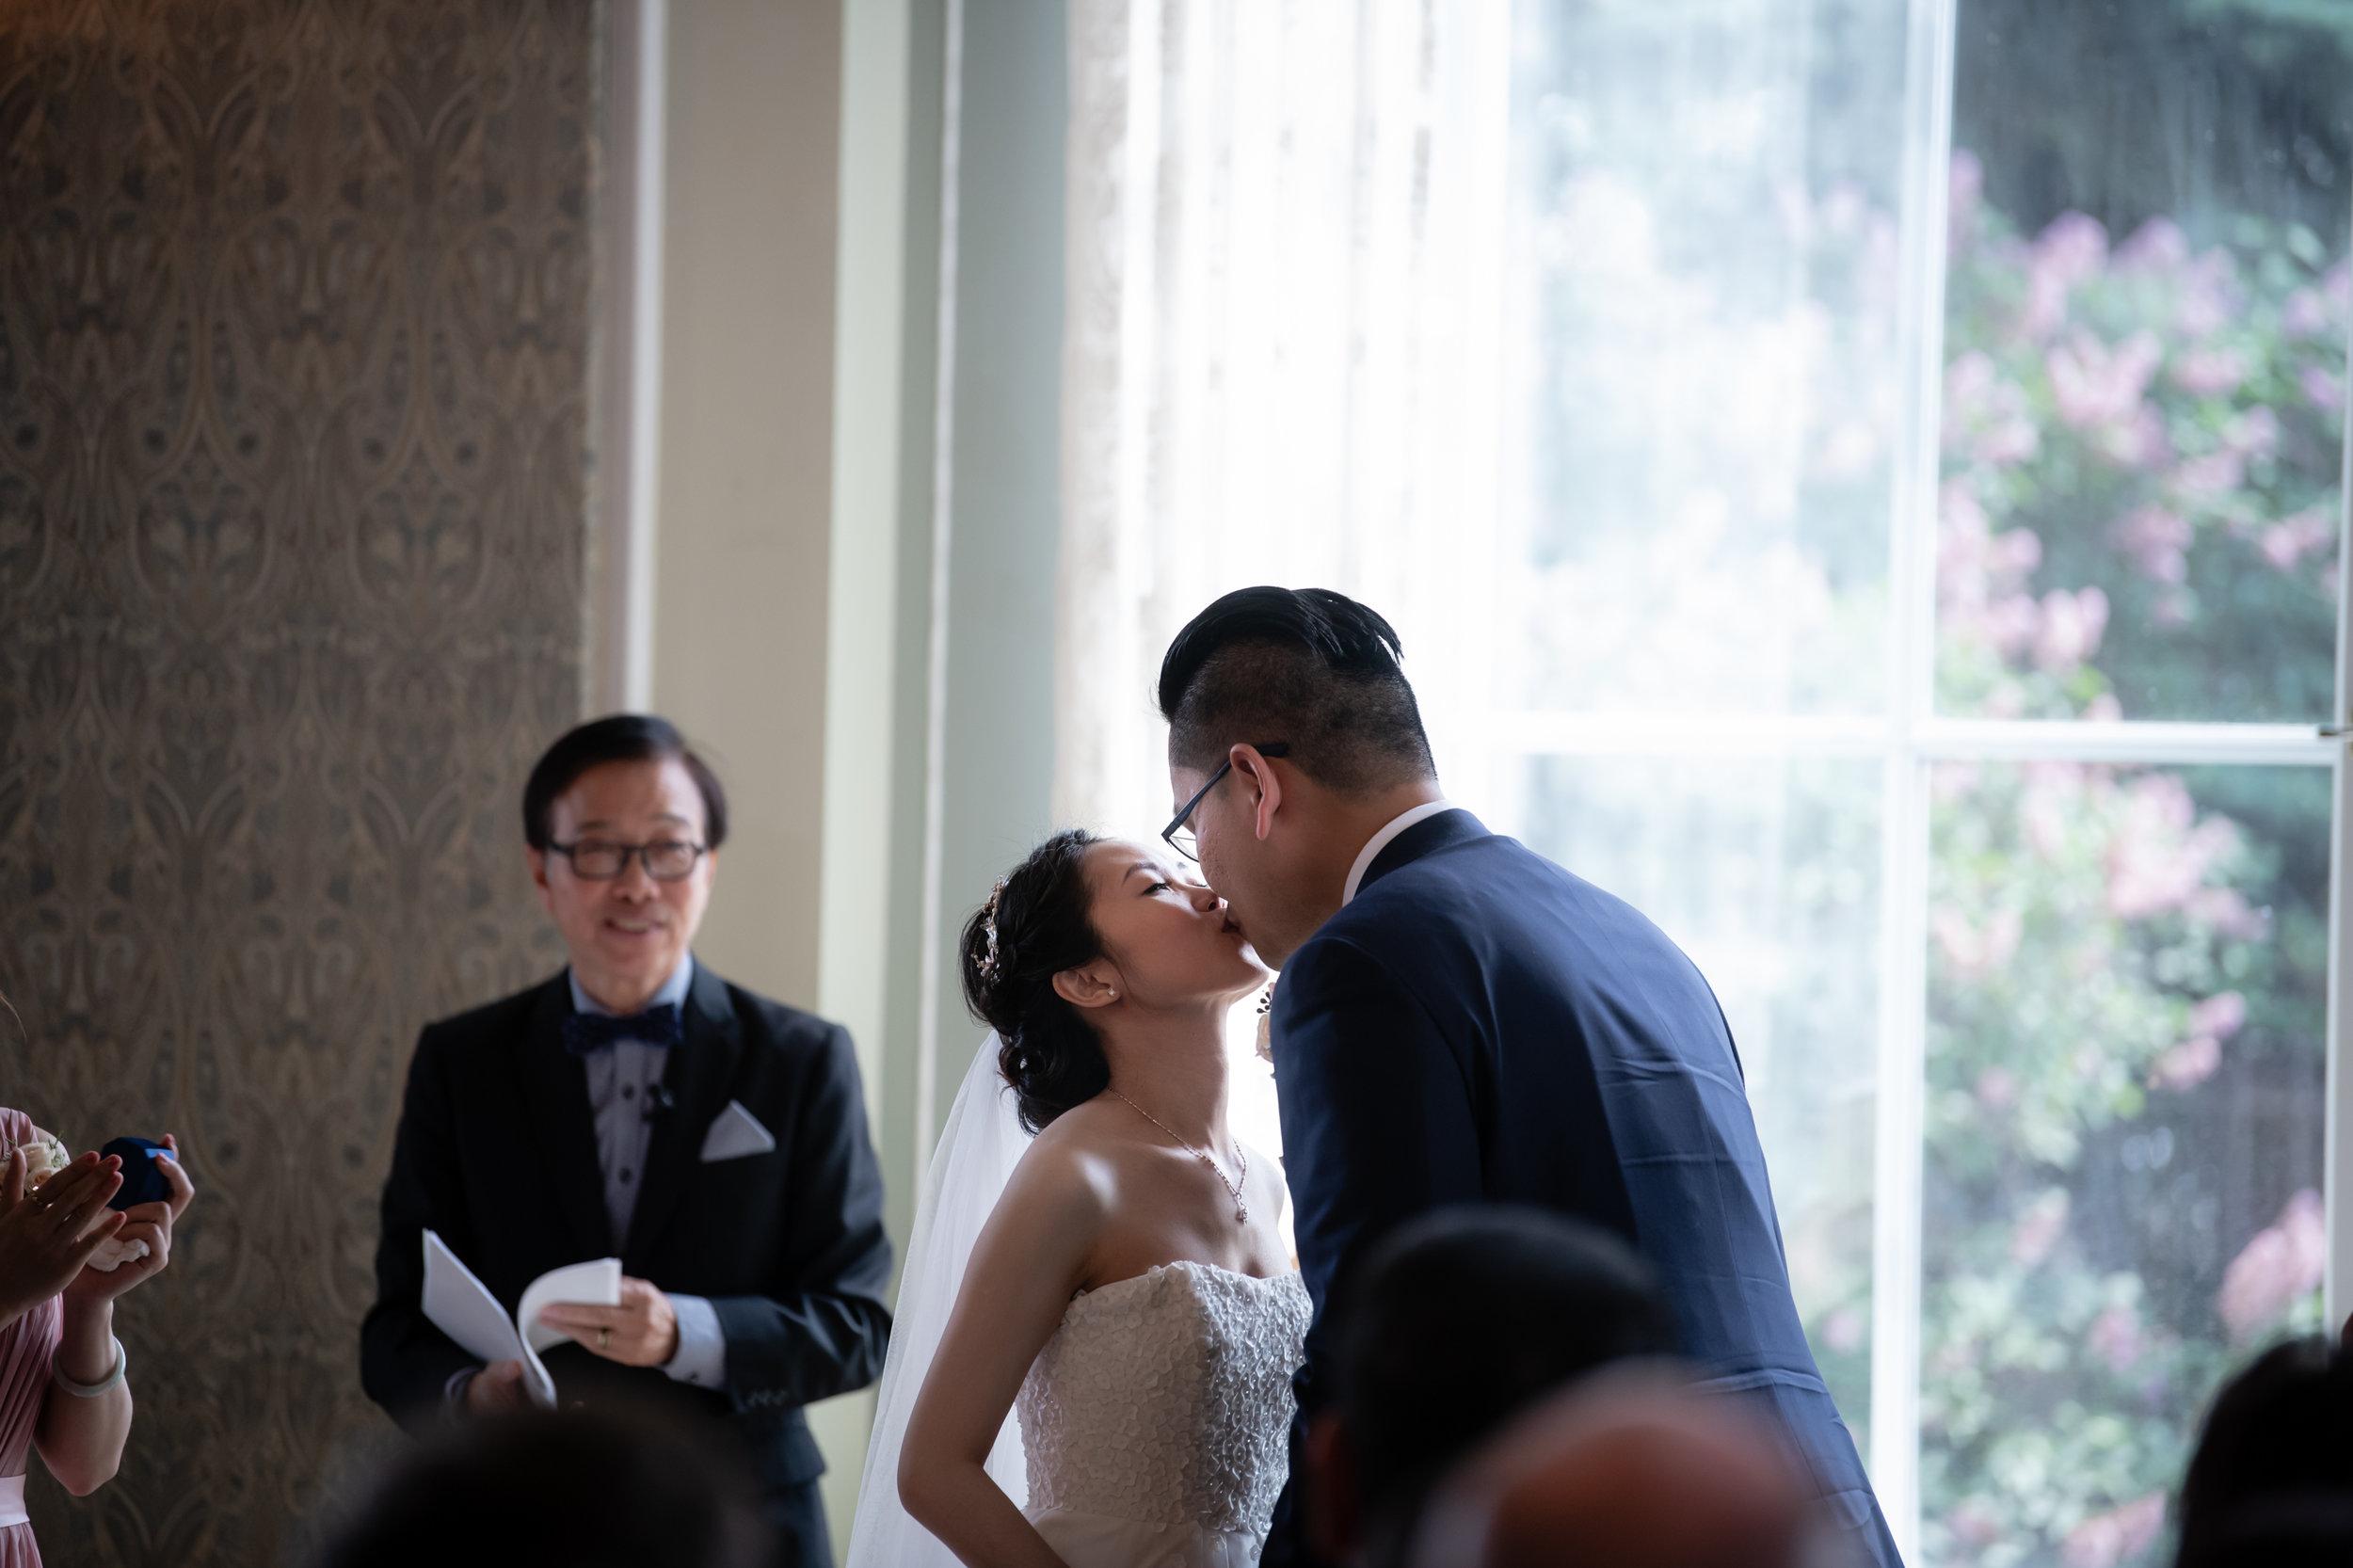 Selina_Chris_Wedding_Sneak_Peek_049.jpg